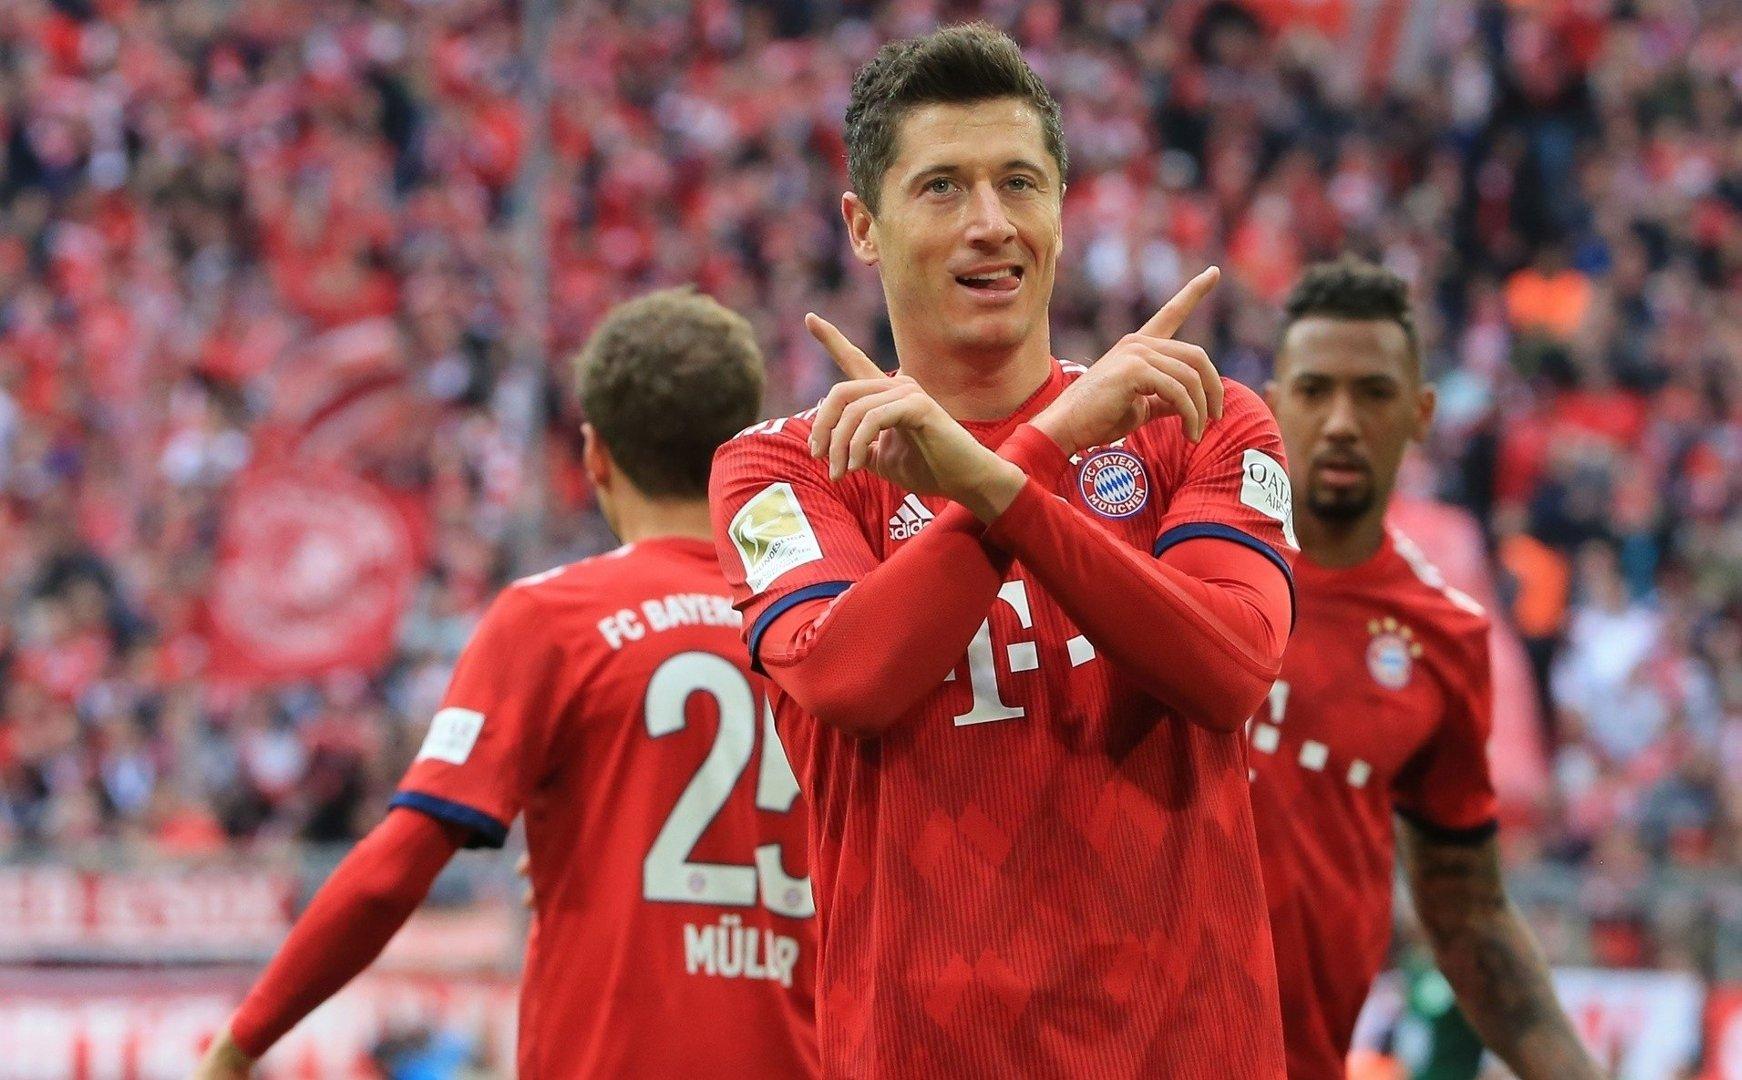 7c1a7f3a5 Mecz Bayern Monachium - FC Liverpool transmisja online na żywo w ...